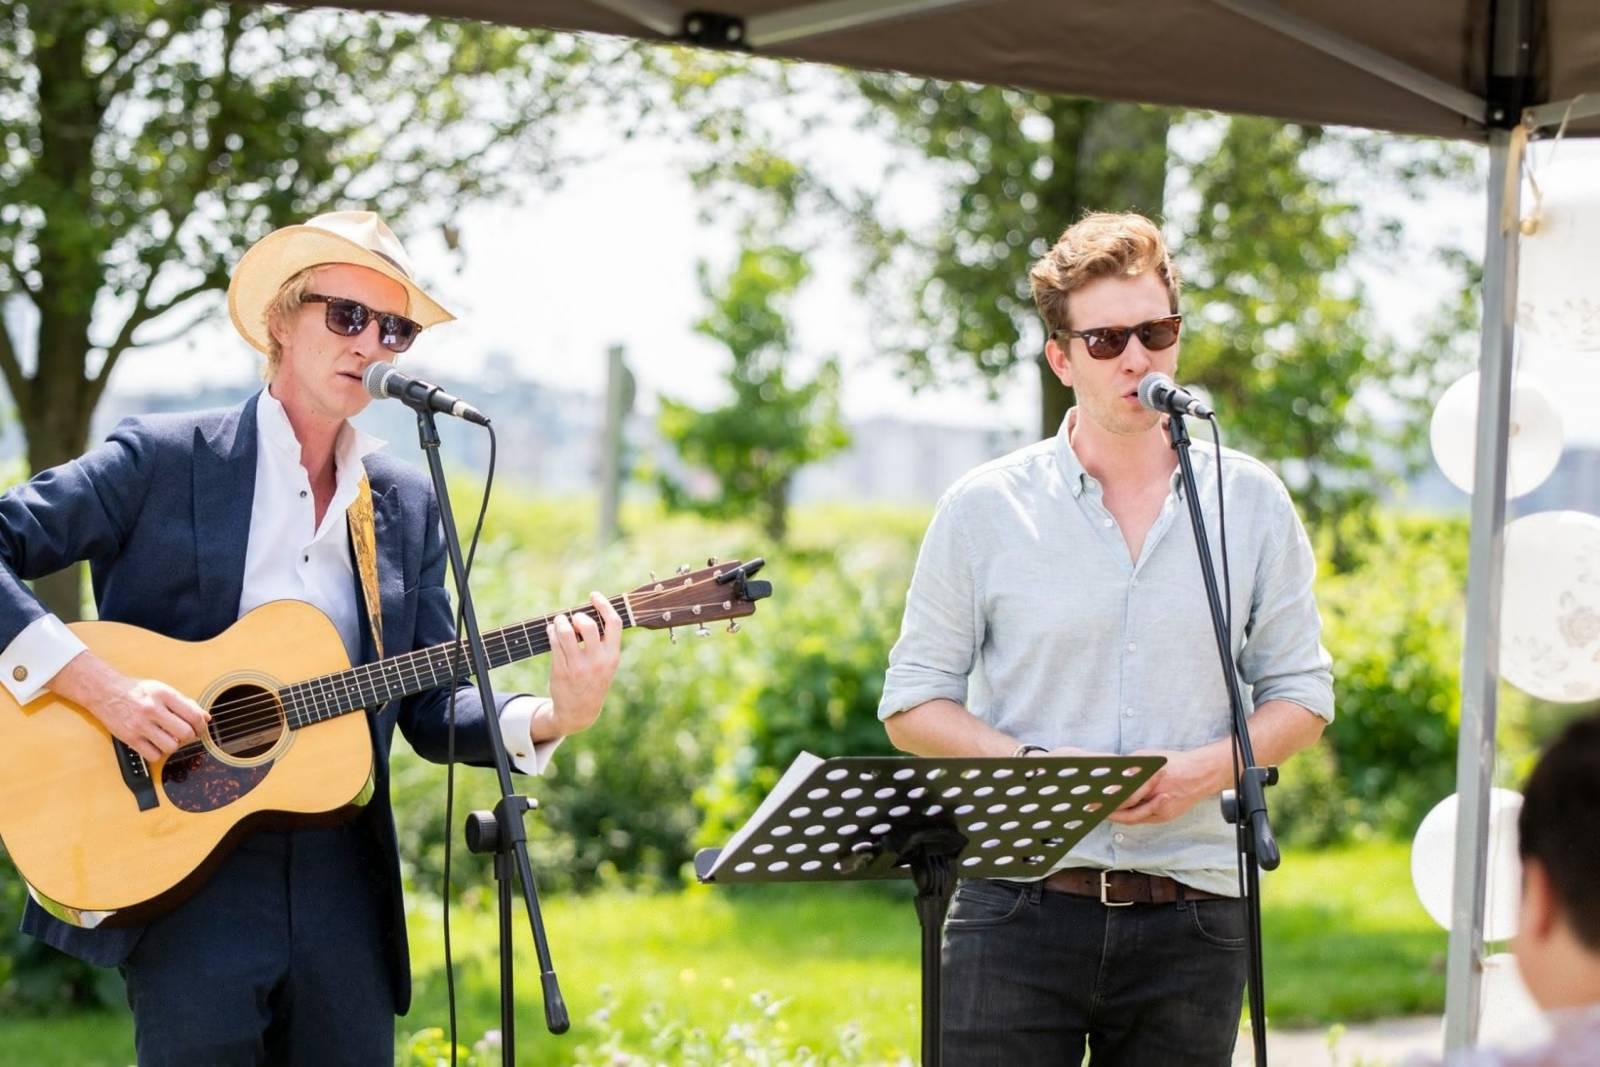 Mathieu & Guillaume artiest livemuziek zangers house of events (1)